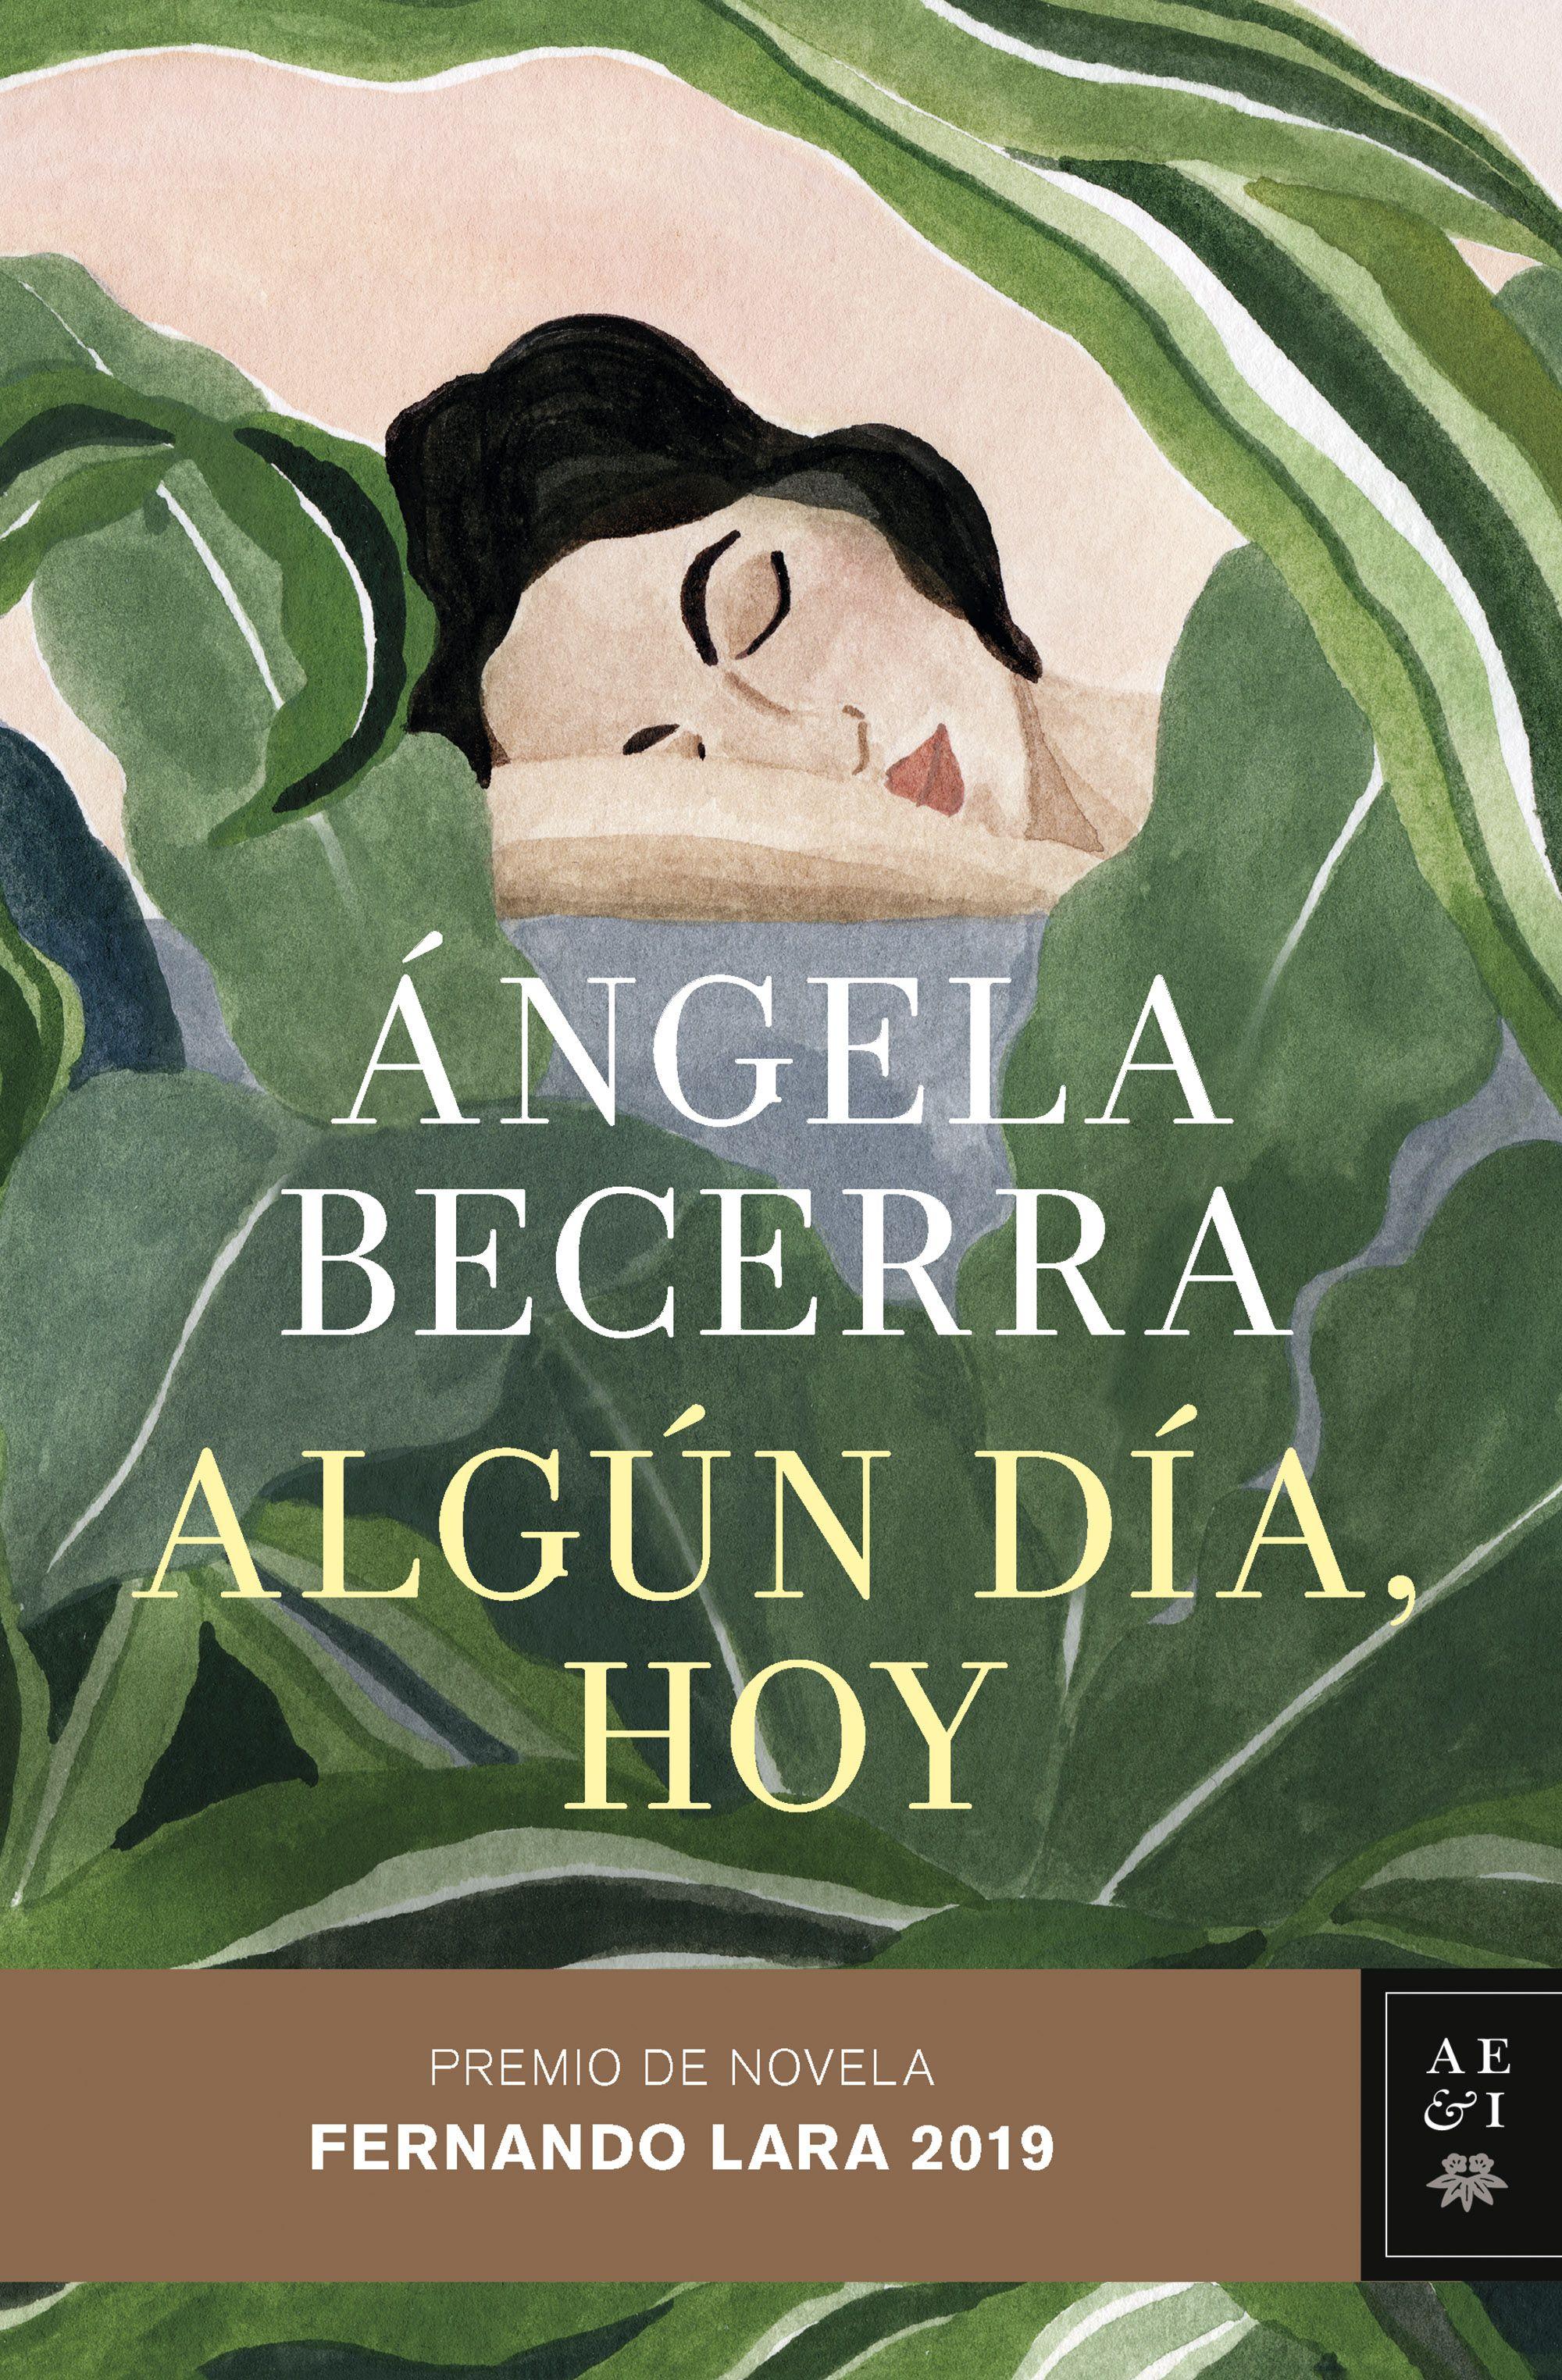 Algún Día, hoy - Ángela Becerra - Planeta